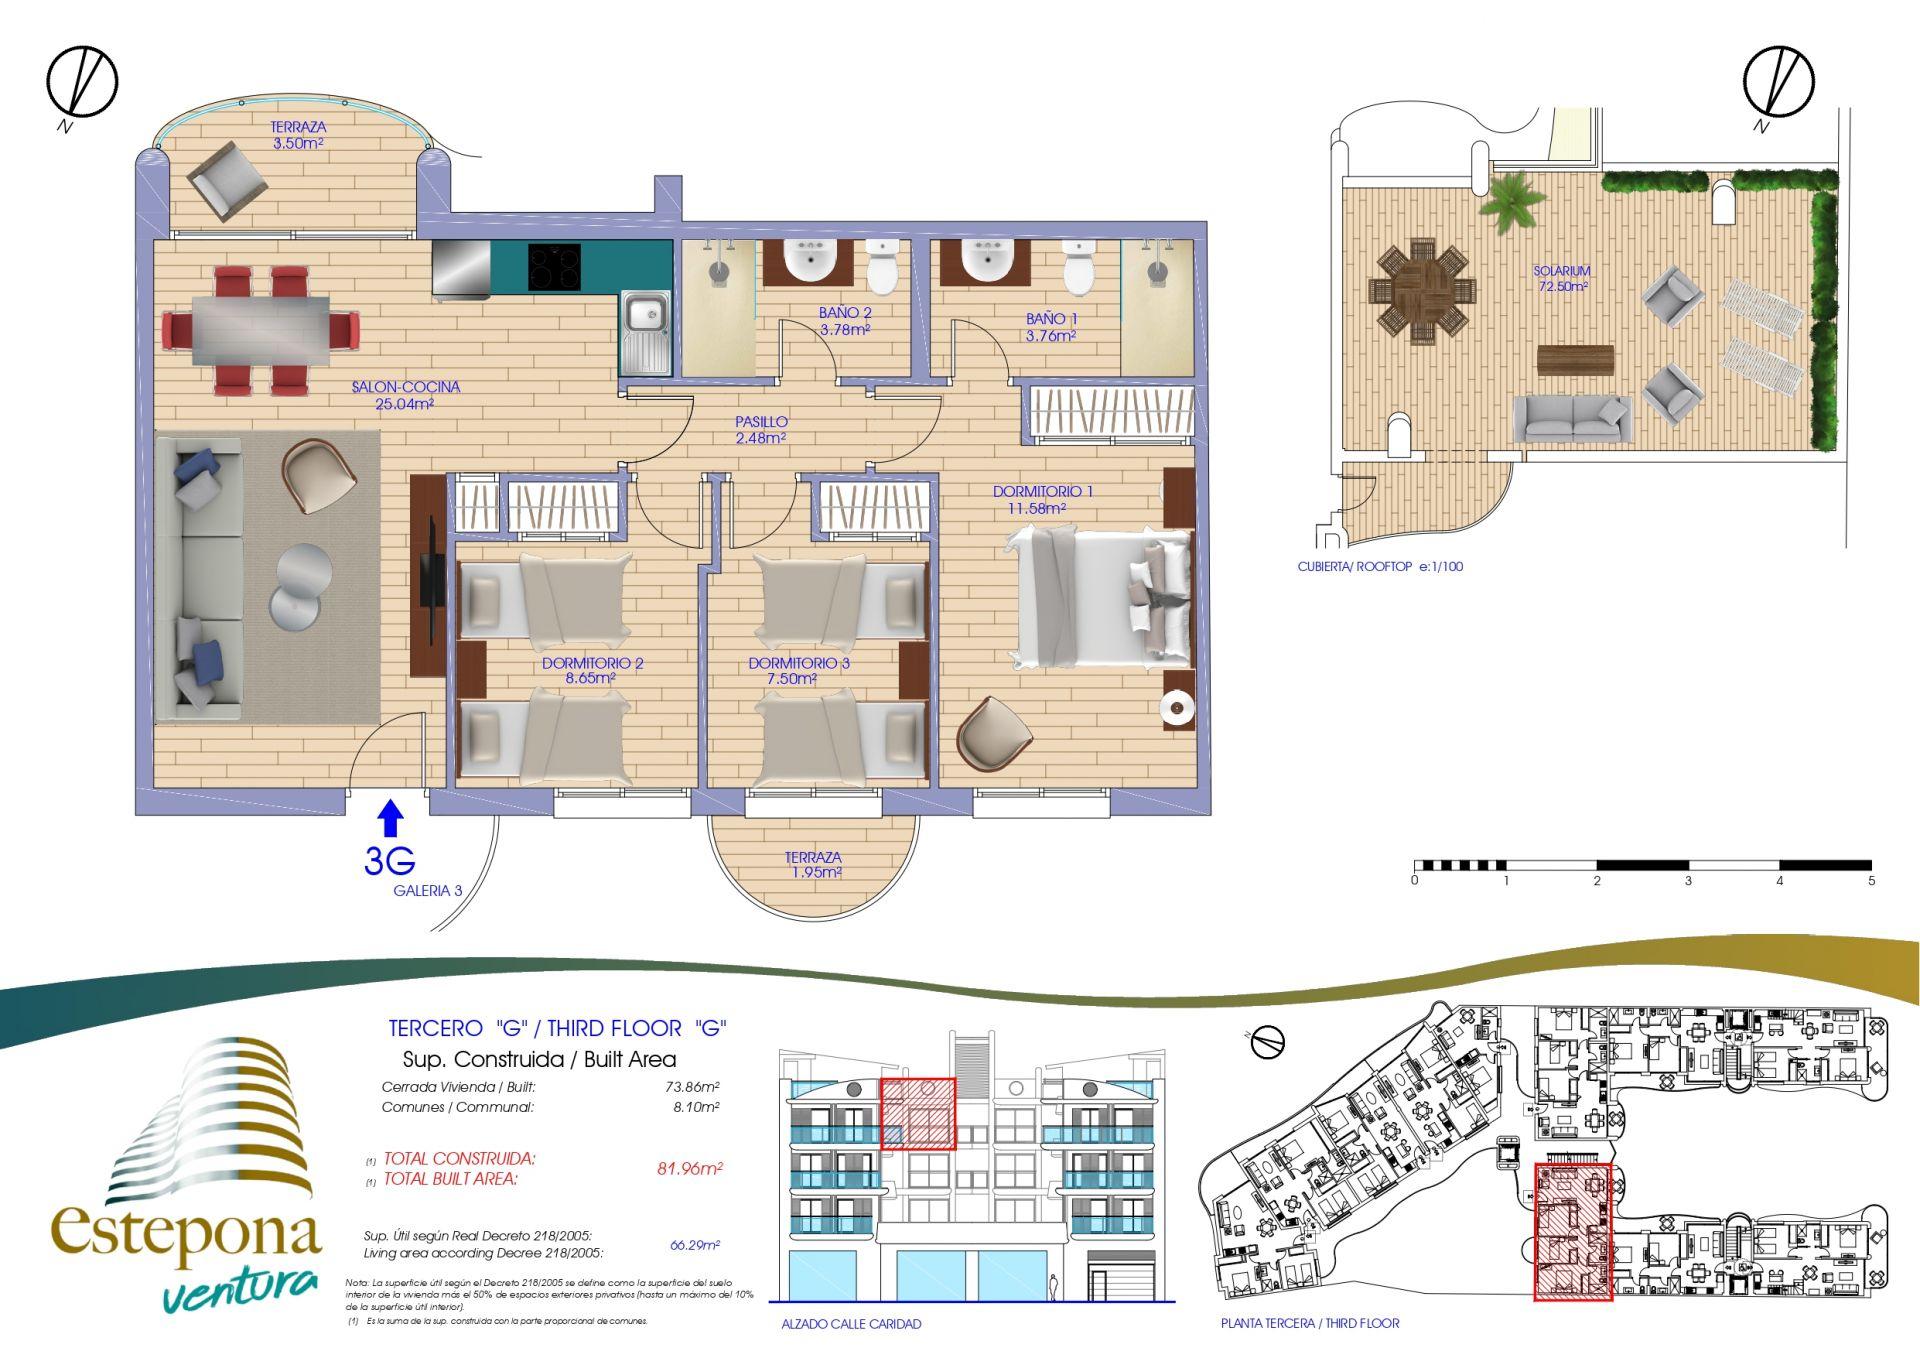 20200527 PLANOS DE VENTAS pages to jpg 0036 - Ventura Estepona | Compra de casa en Estepona